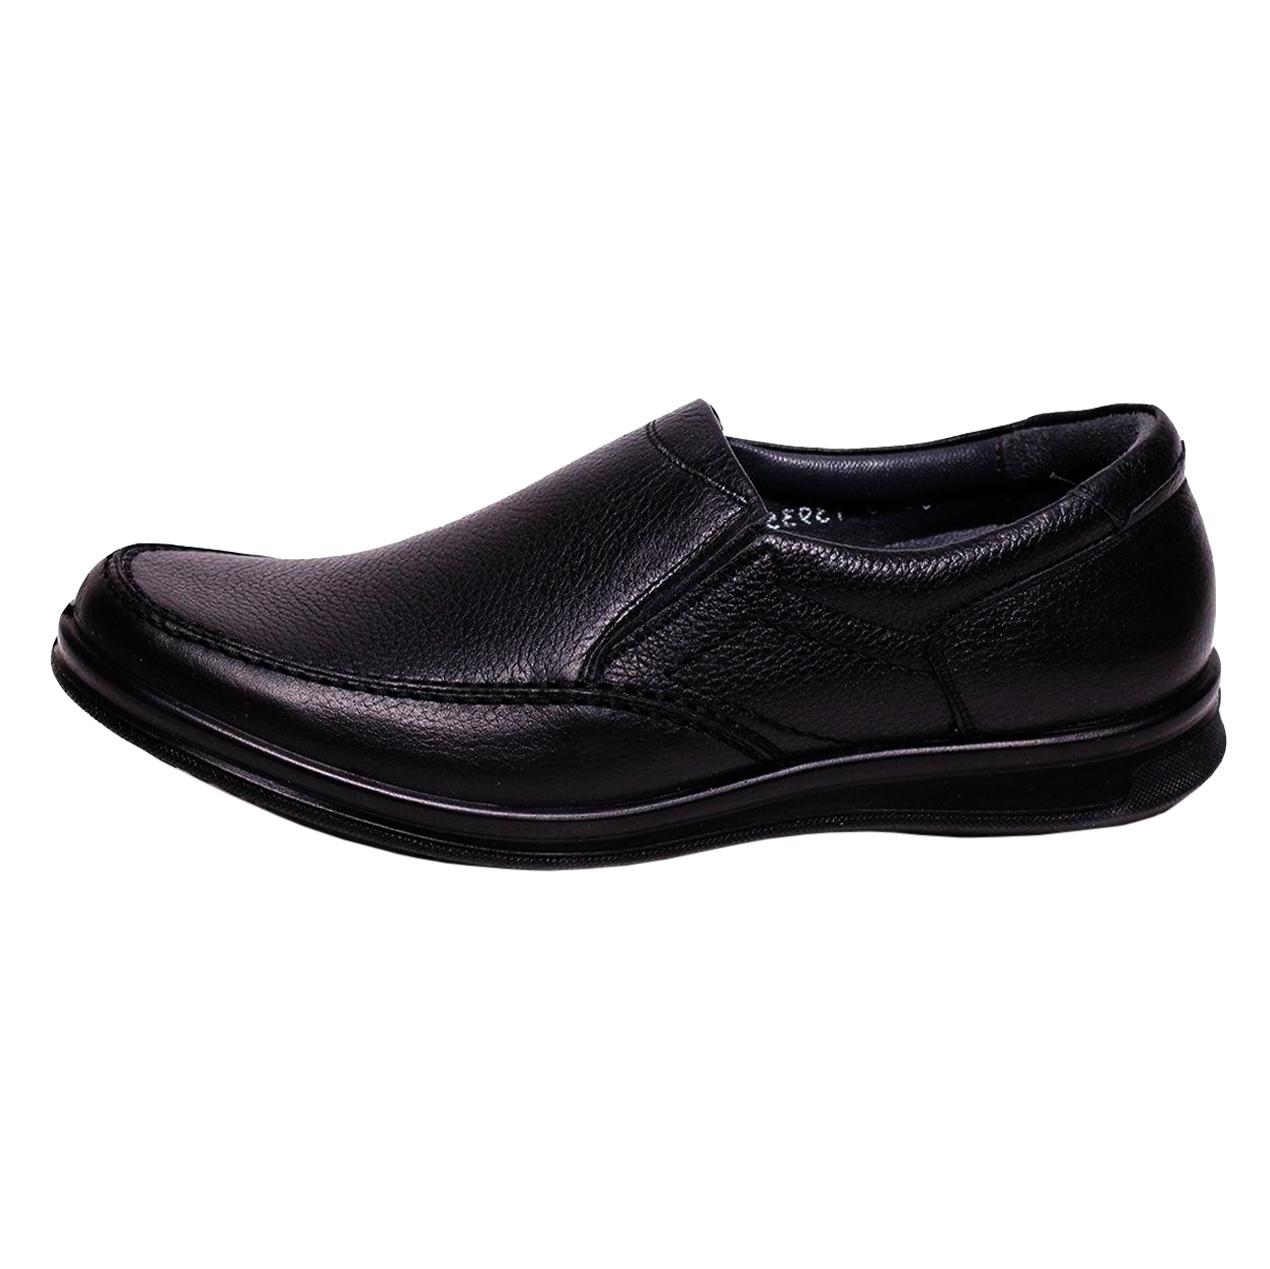 کفش مردانه پای آرا مدل پاکمهر کد Tabriz 207